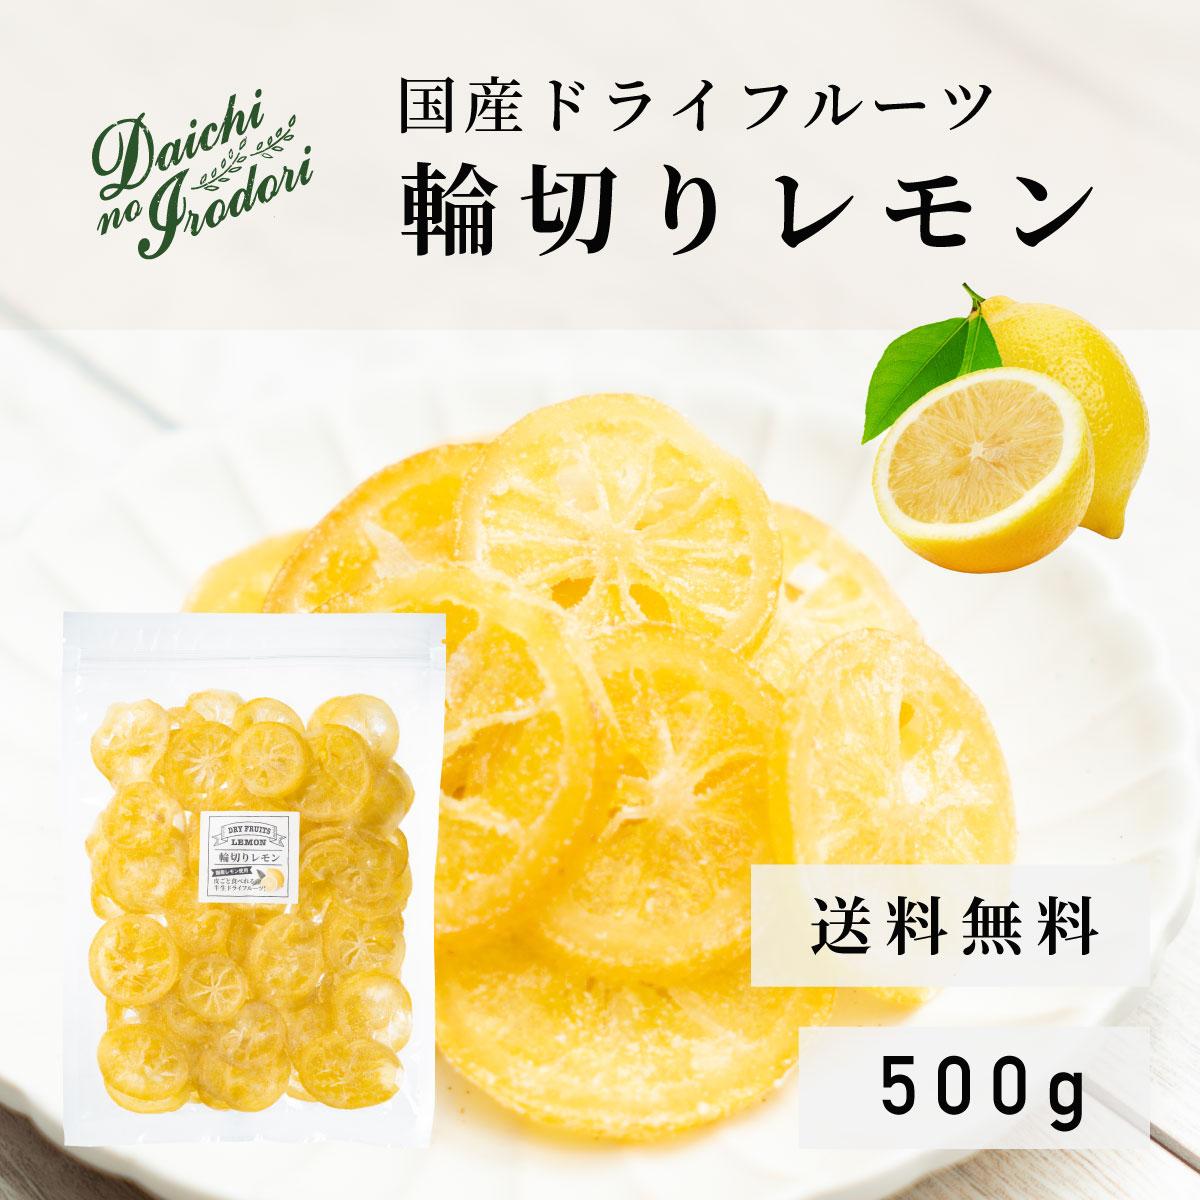 ドライフルーツ レモンピール 1年保証 送料無料 国産 レモン ドライフルーツレモン 輪切り 南信州菓子工房原料使用 チャック袋入り 常温保存 x 1袋 (人気激安) 500g